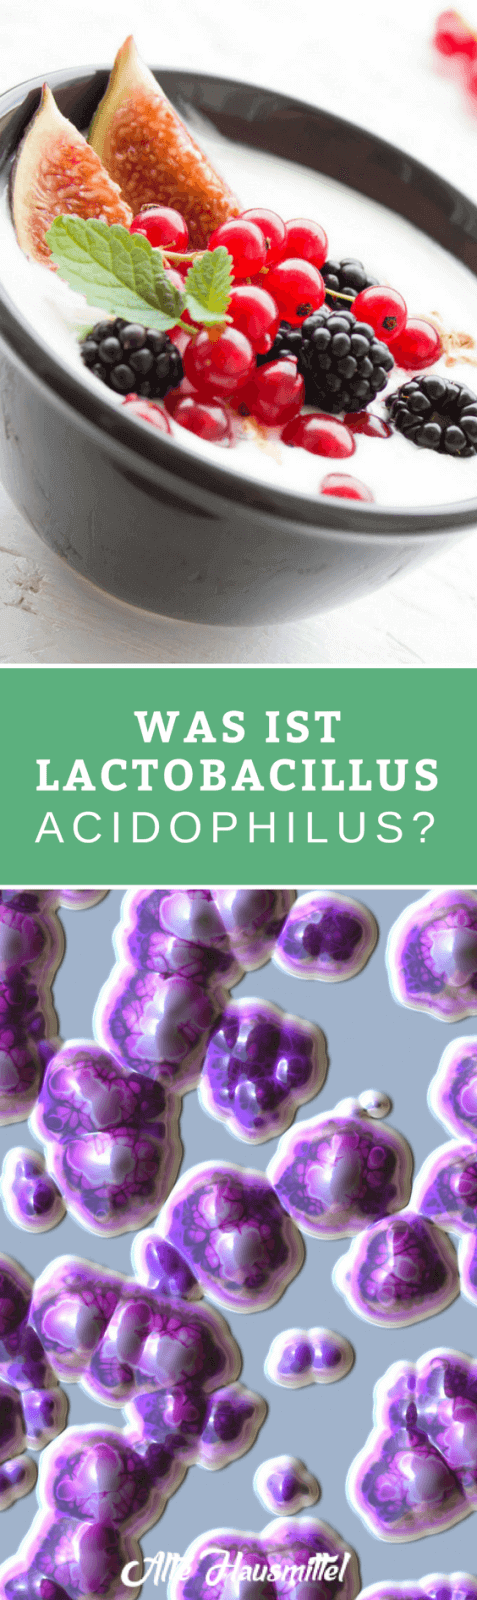 Was ist überhaupt Lactobacillus Acidophilus? ✅ Und warum ist es so unglaublich wichtig für unser Wohlbefinden ✅ Erfahren und lernen Sie mehr ✅